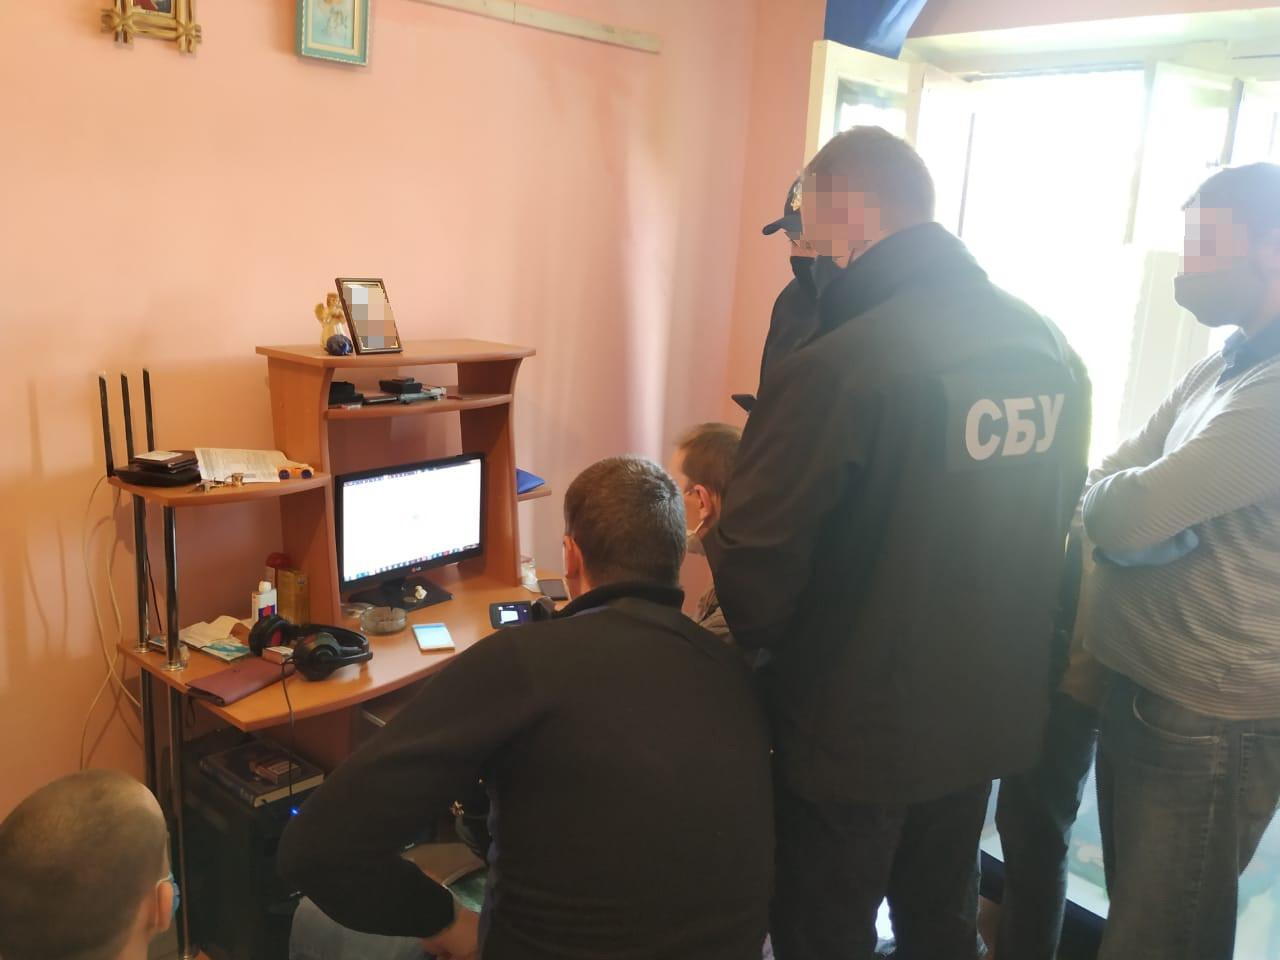 В Івано-Франківську СБУ та кіберполіція затримала всесвітньо відомого хакера (ФОТО)